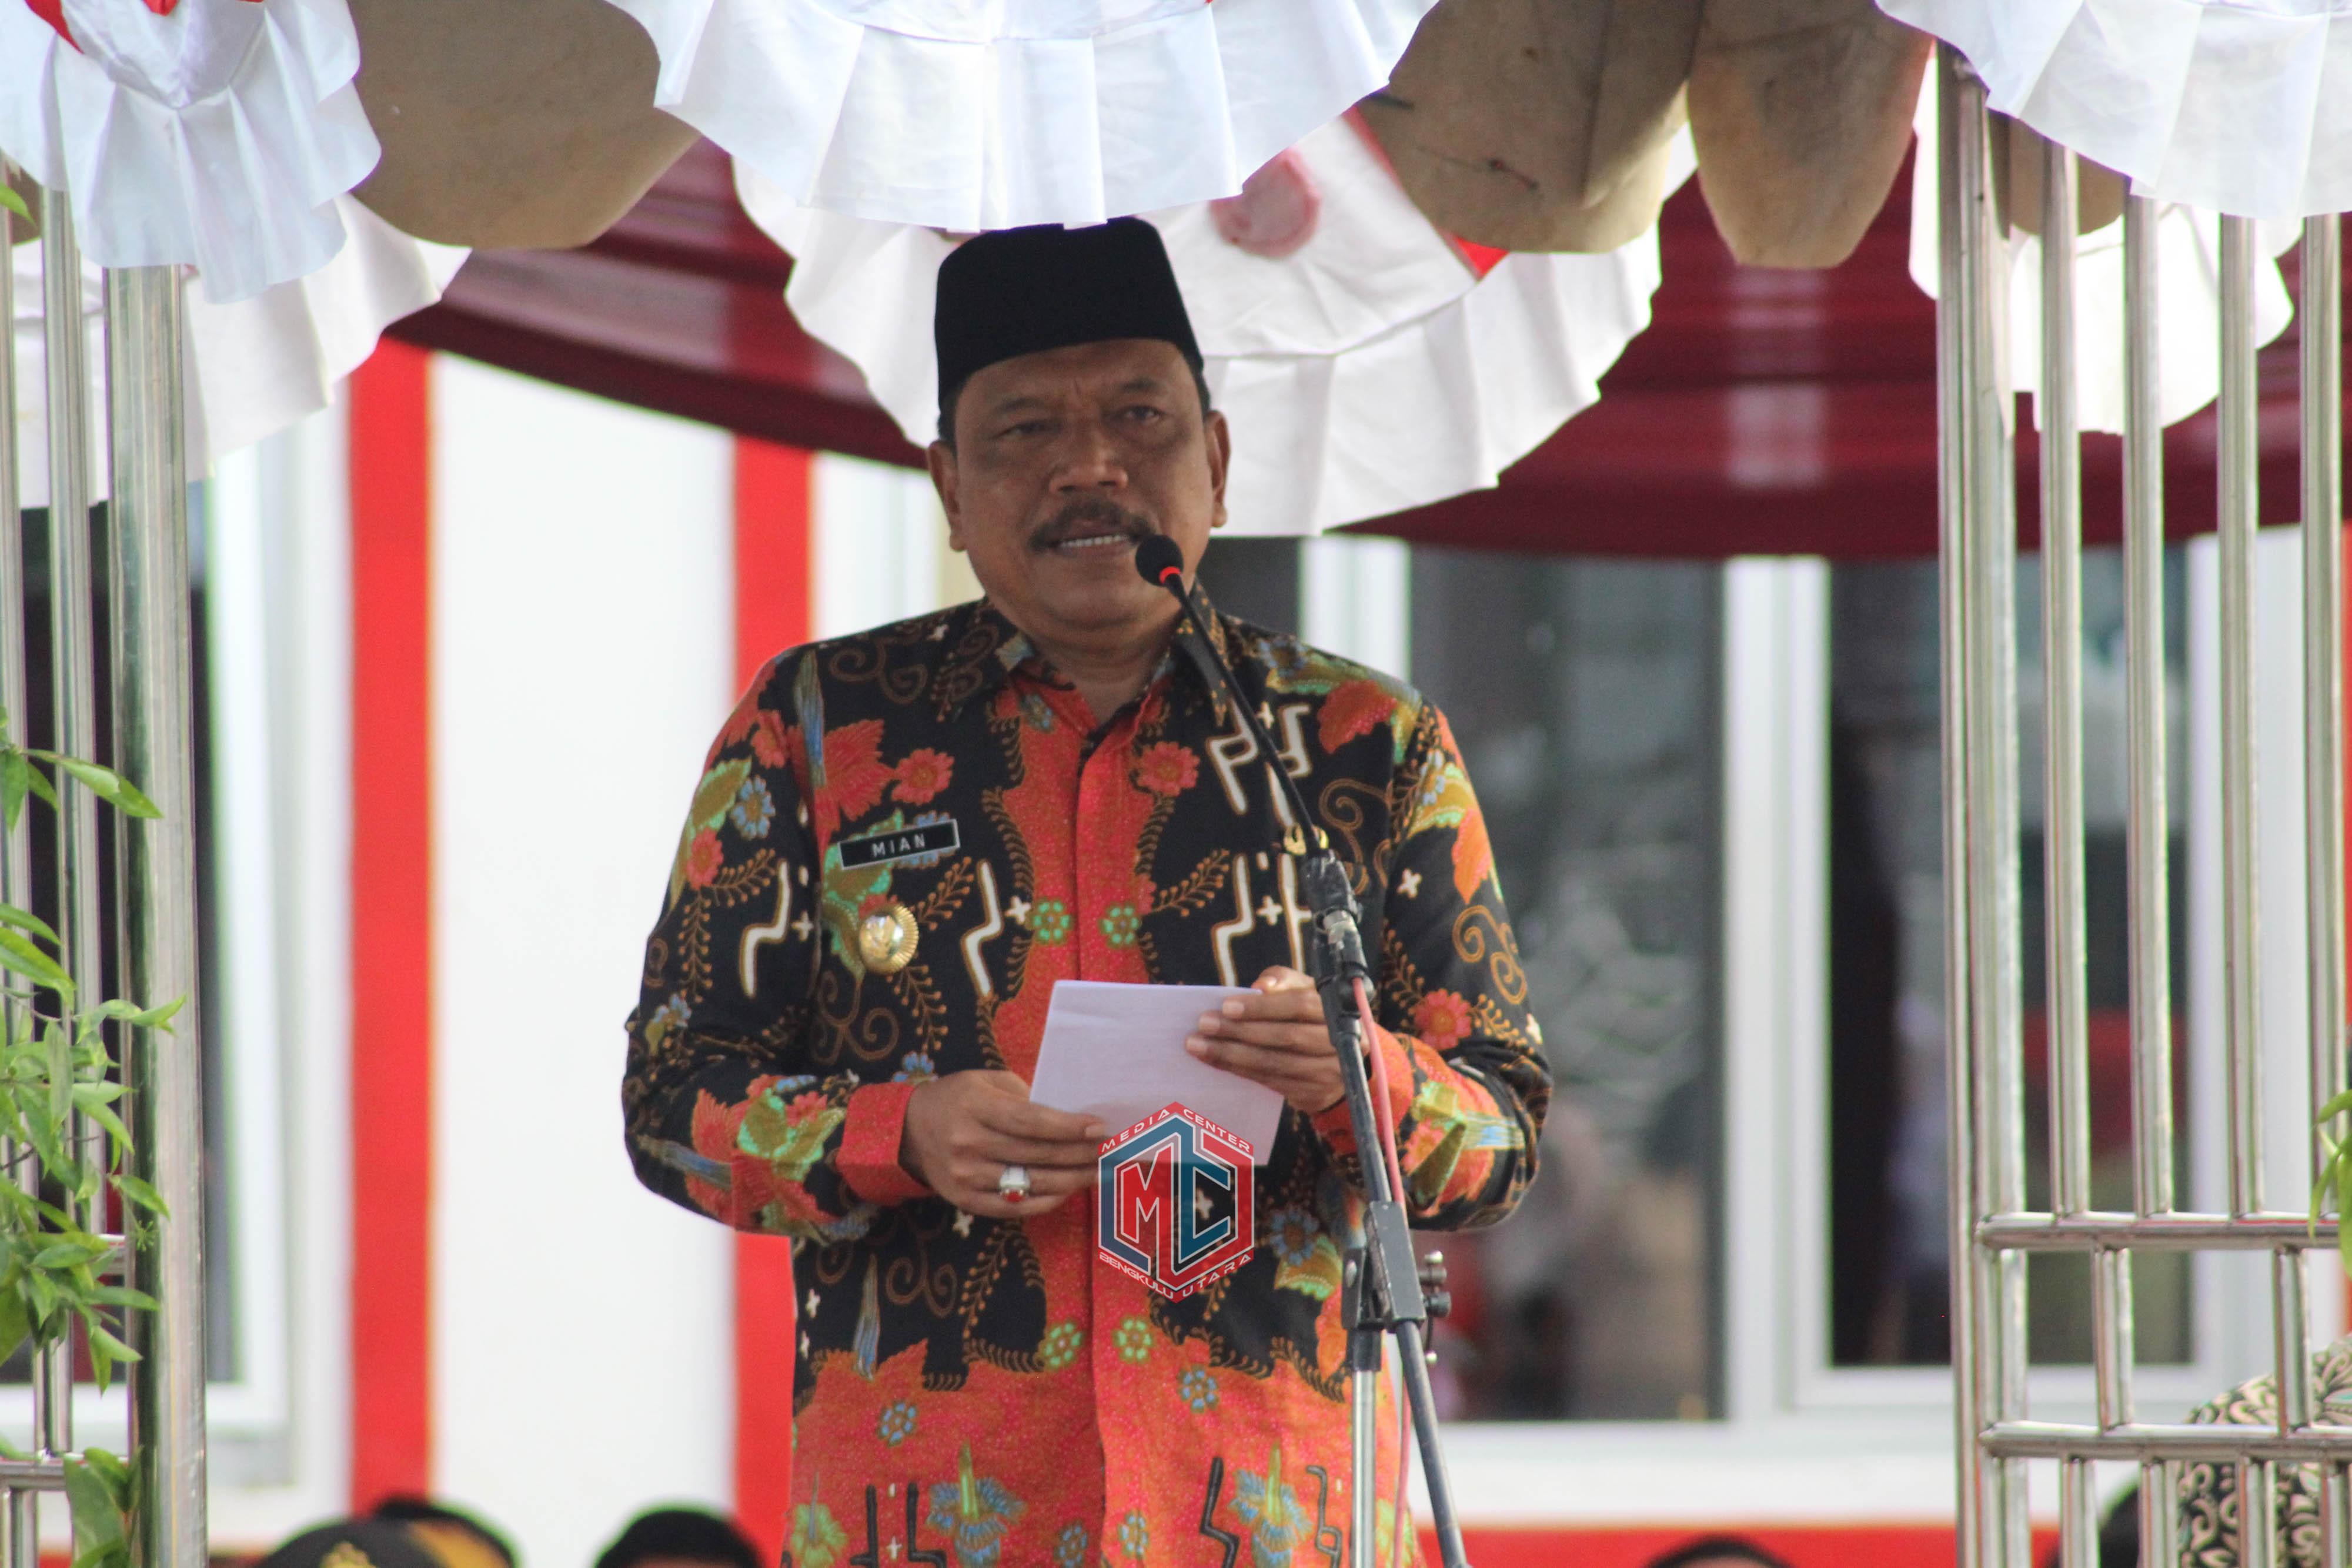 Pemkab Bengkulu Utara Gelar Upacara Peringatan Hari Kartini Ke-140